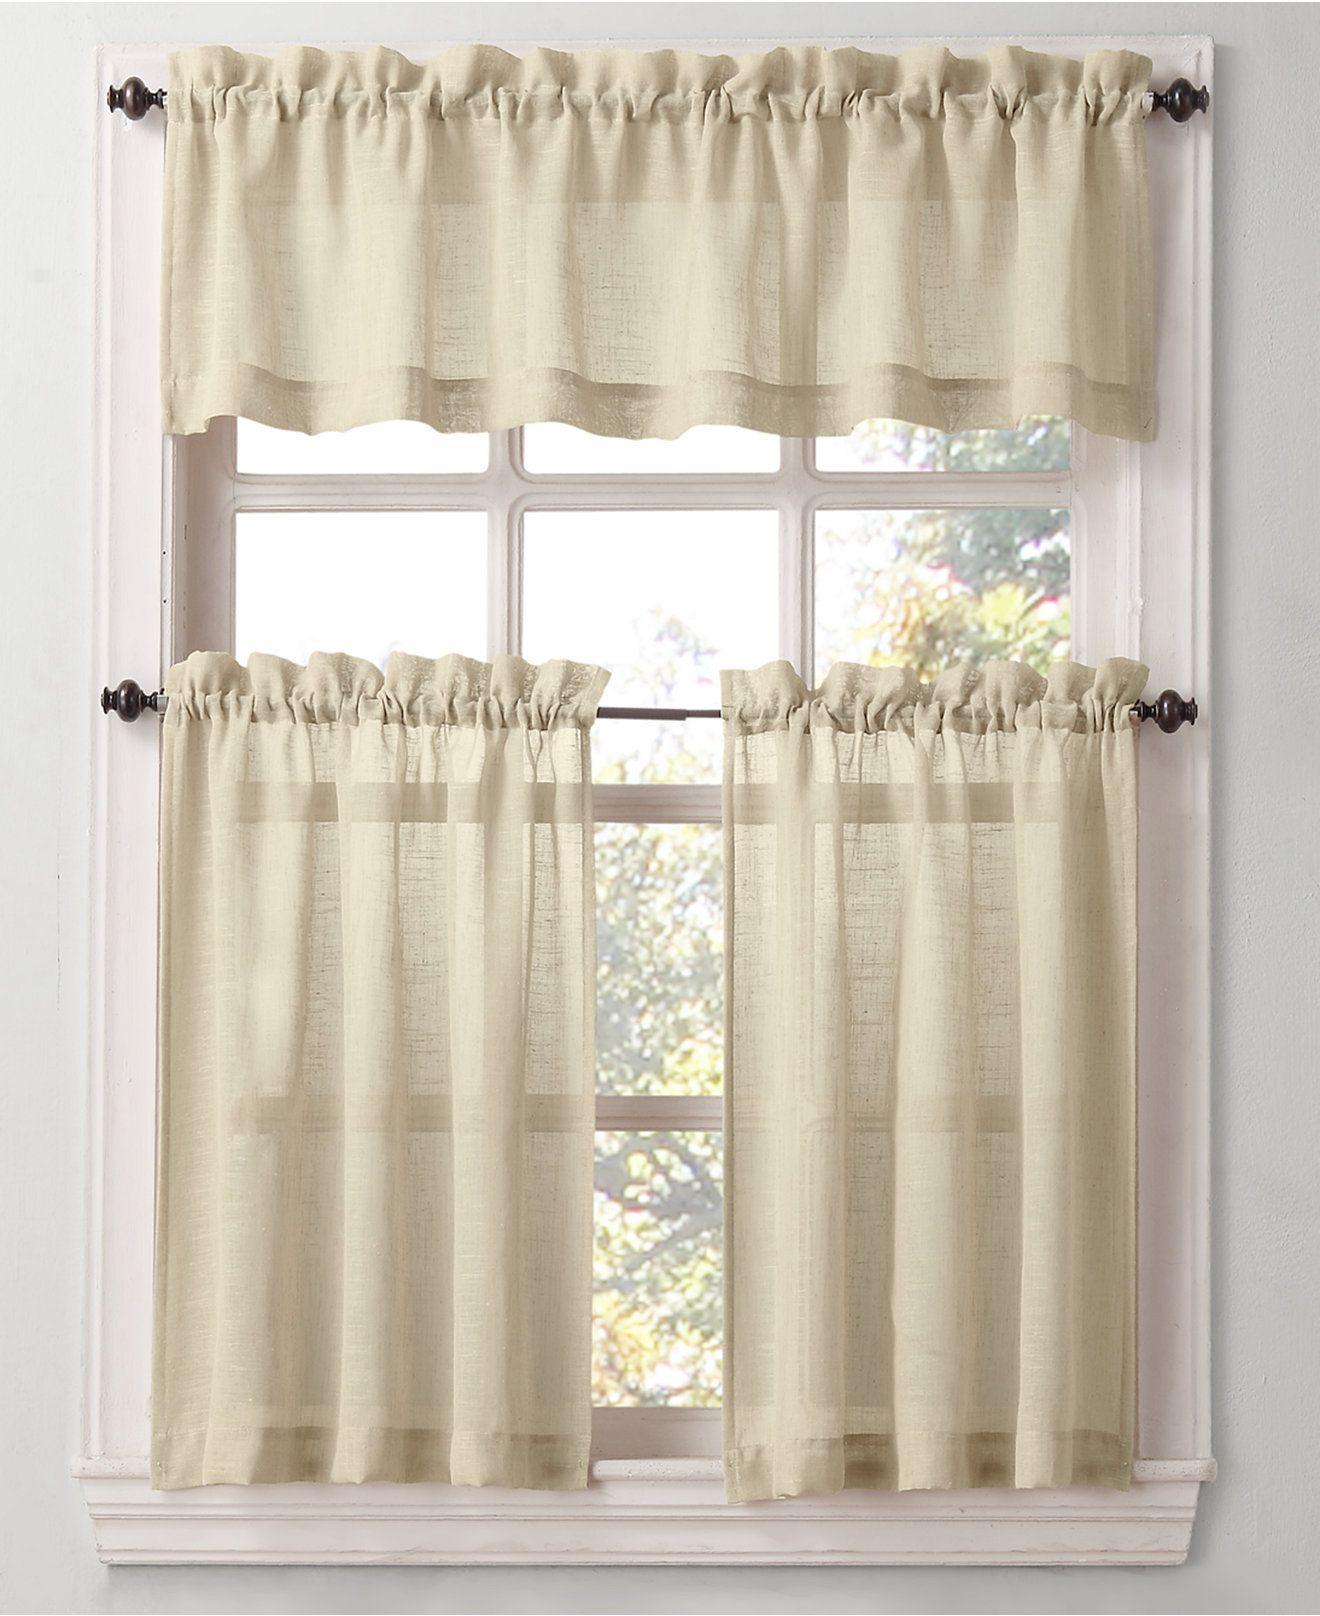 Moderne Kuche Vorhange Registerkarte Vorhange Kuche Vorhange Und Gardinen Baumwolle Tier Vorhange Vorhang Valance Curtains Curtains Kitchen Curtains